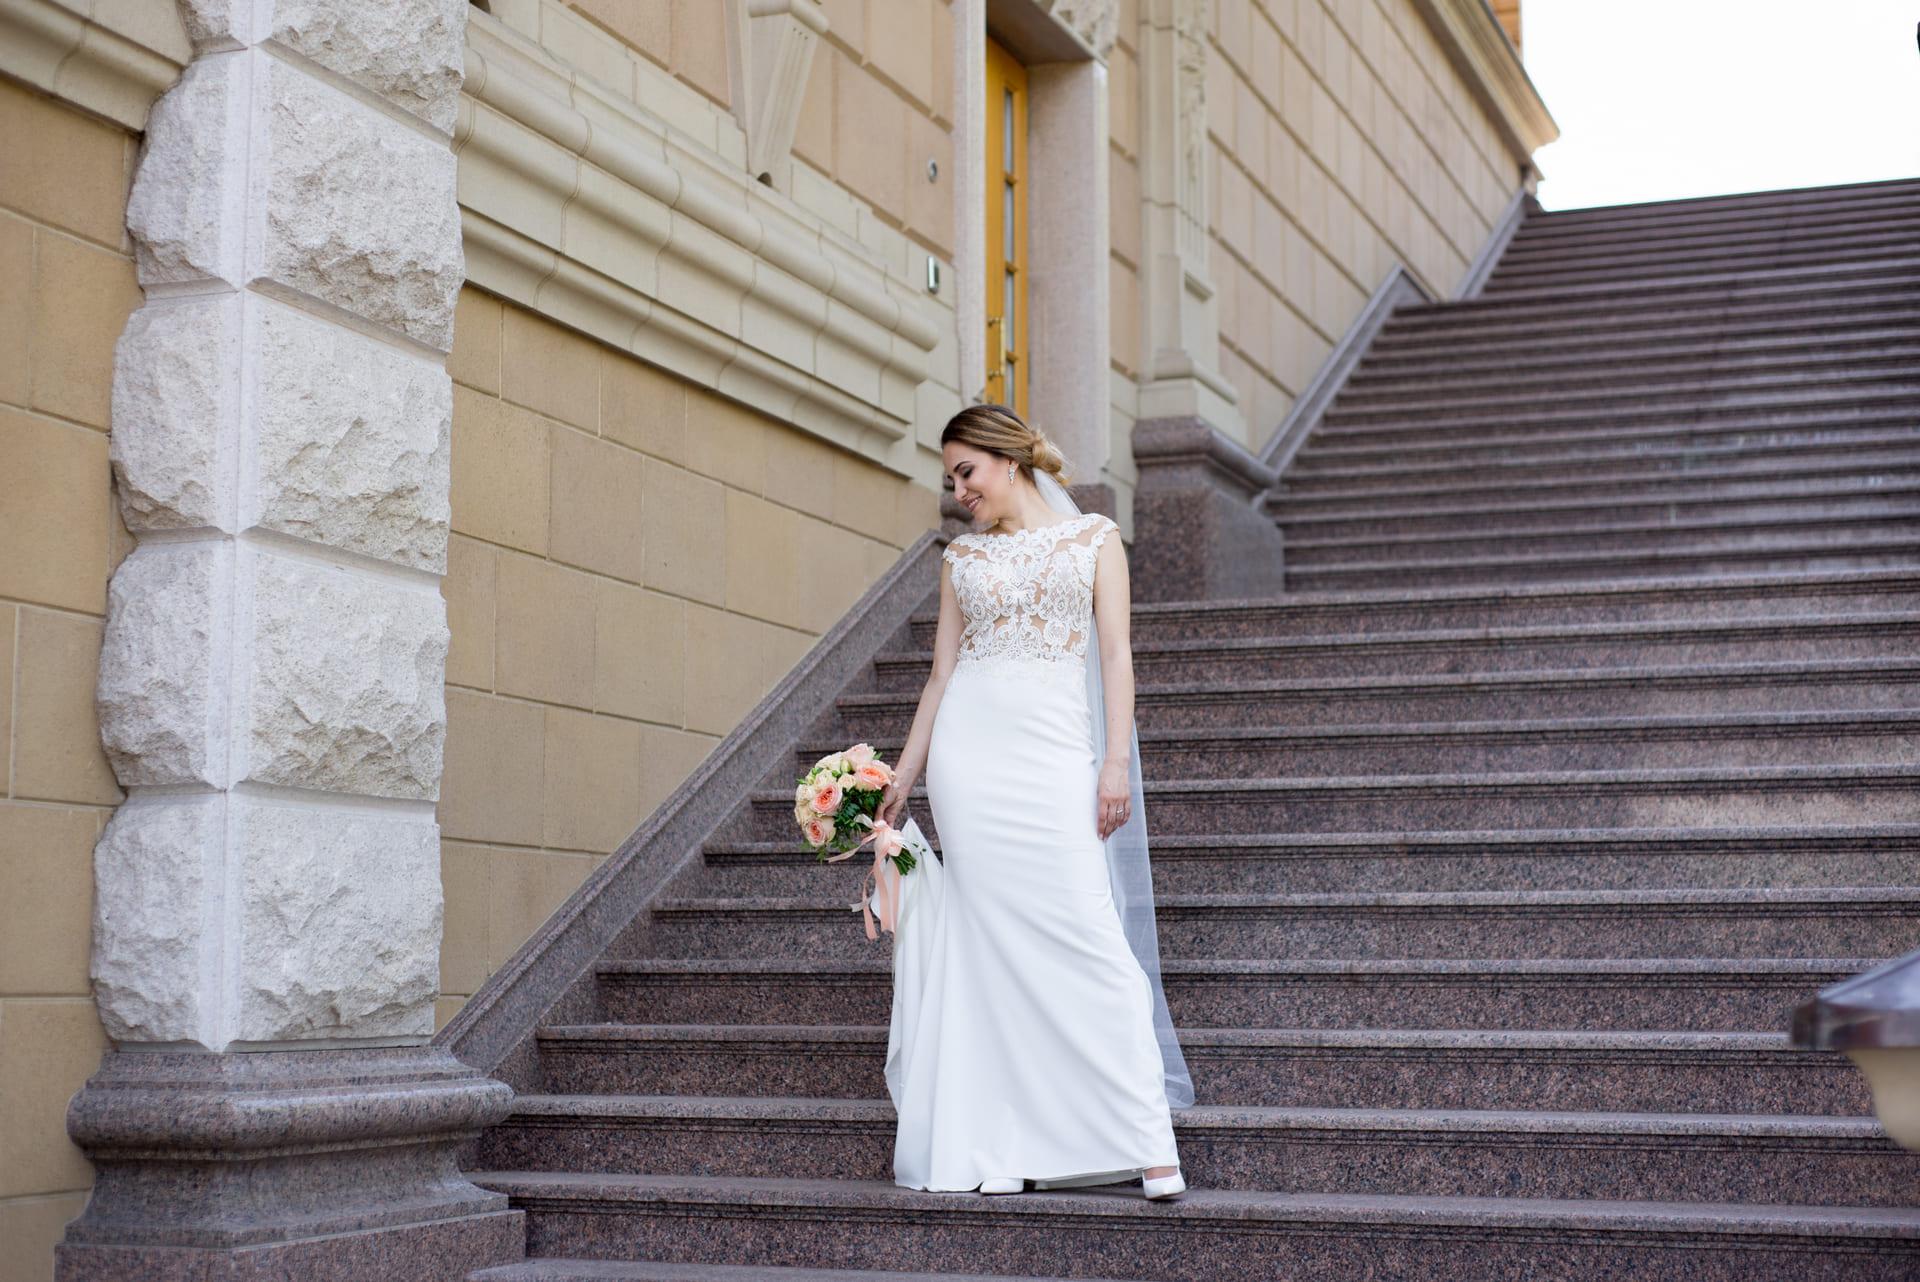 Свадебная фотосессия в Межигорье: Невеста позирует на лестнице